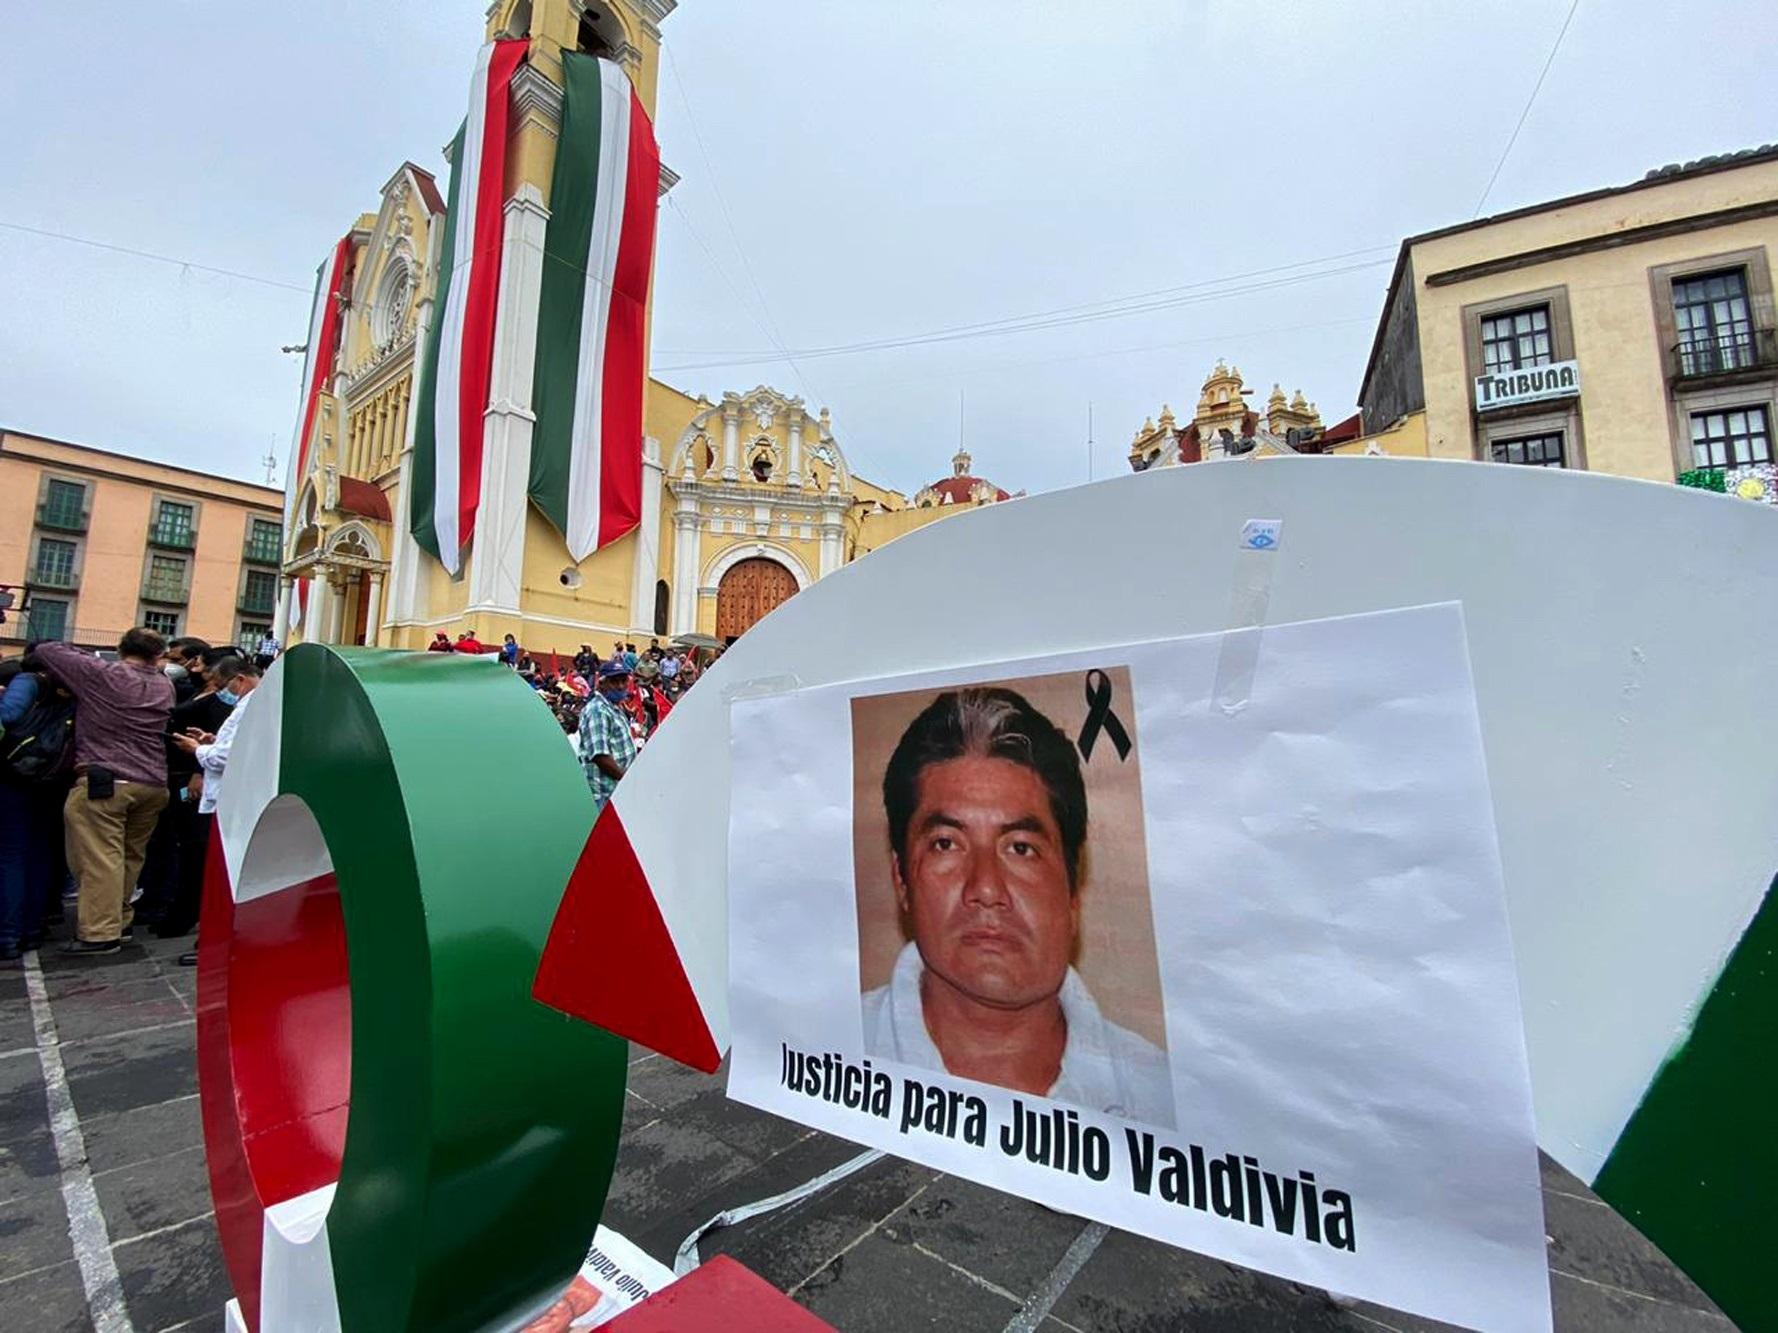 Periodistas en manifestación en la ciudad de Xalapa, Veracruz, para exigir justicia por el asesinato de Julio Valdivia. Foto de  EFE/Miguel Victoria.